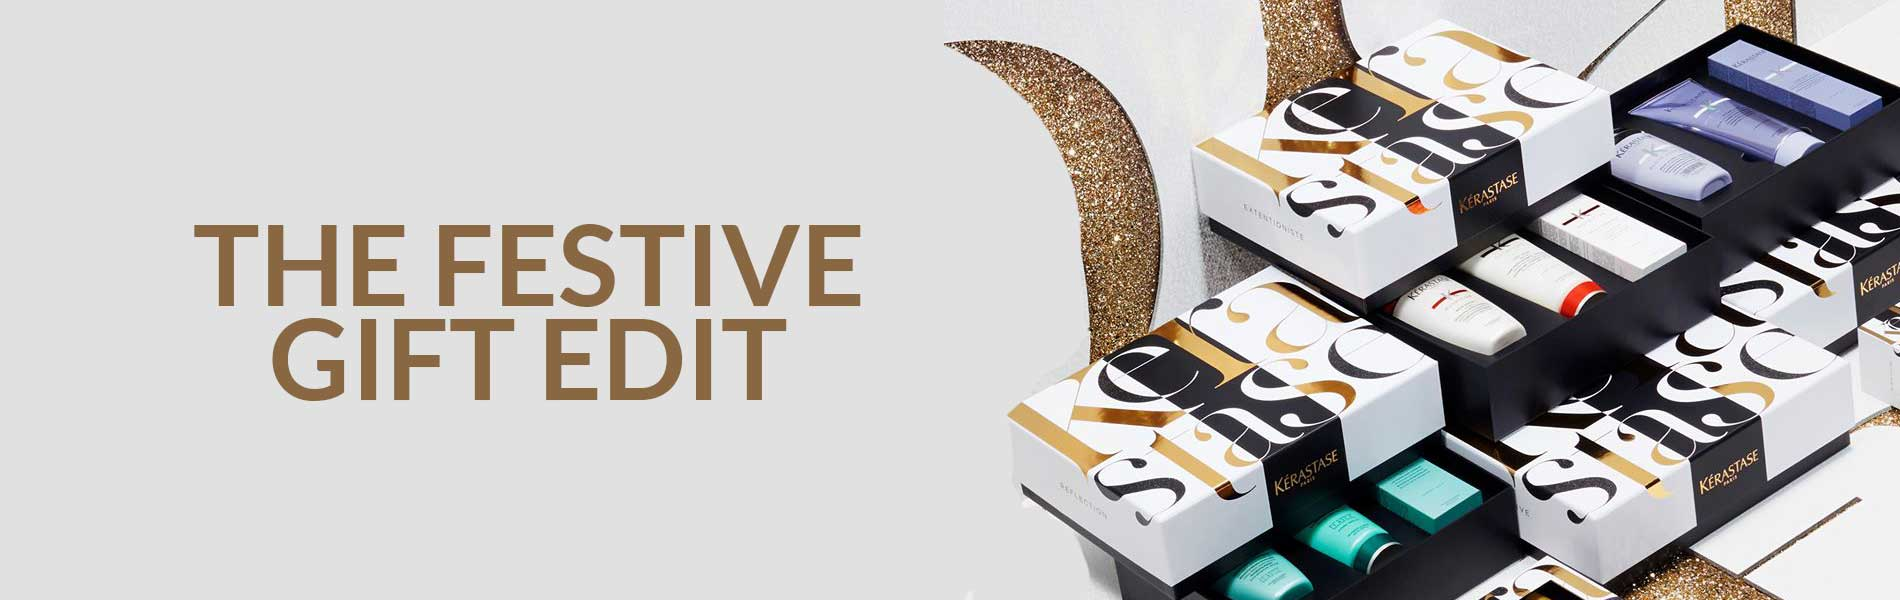 The Festive Gift Edit banner